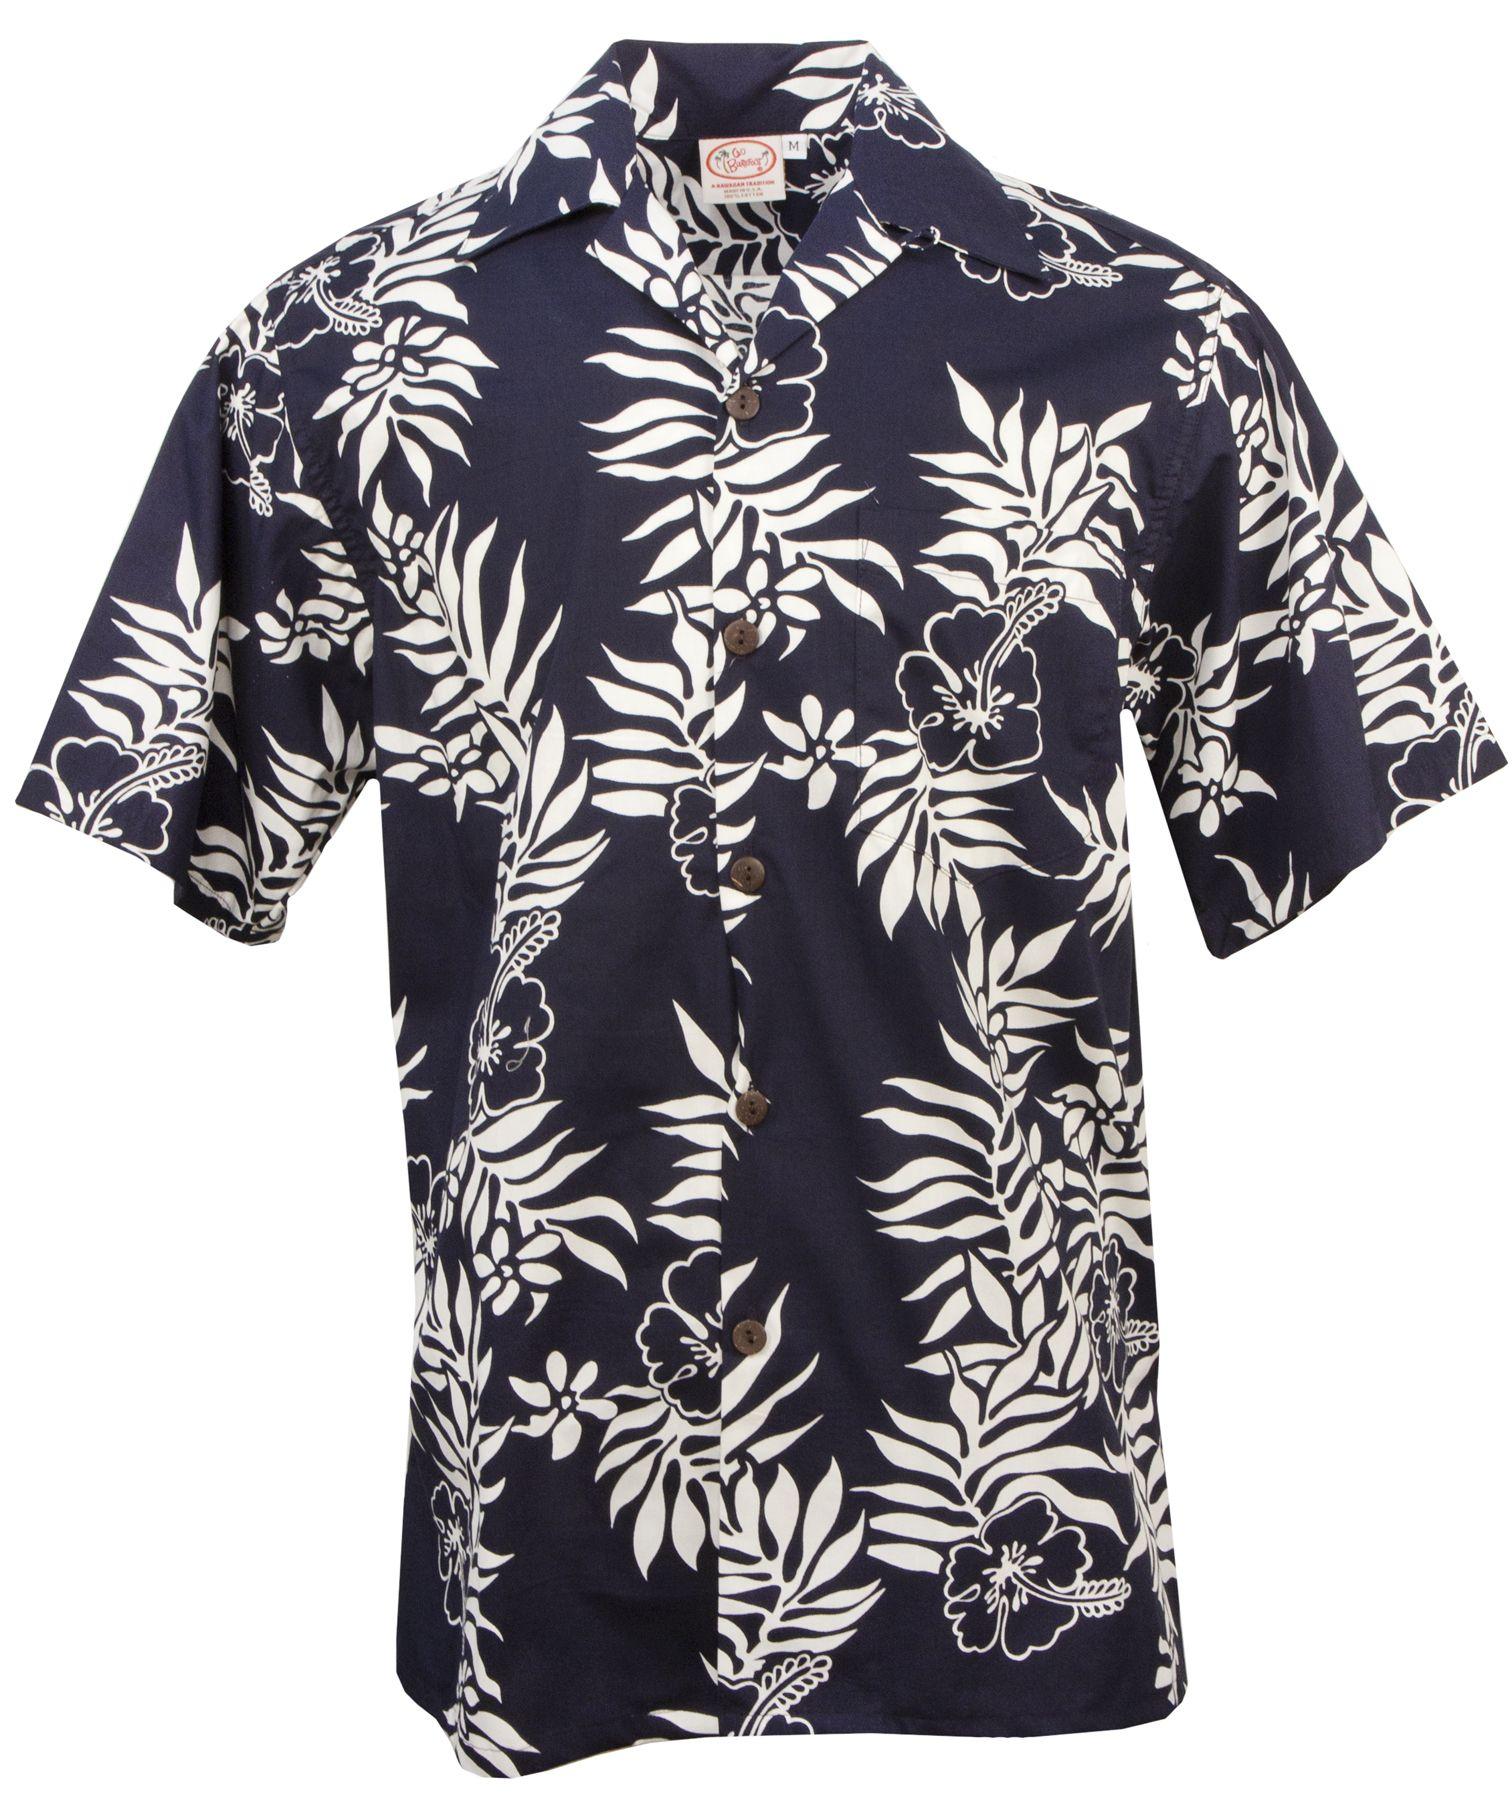 57e879652 Go Barefoot Mini Tahitian Mens Hawaiian Aloha Shirt in Navy & White ...